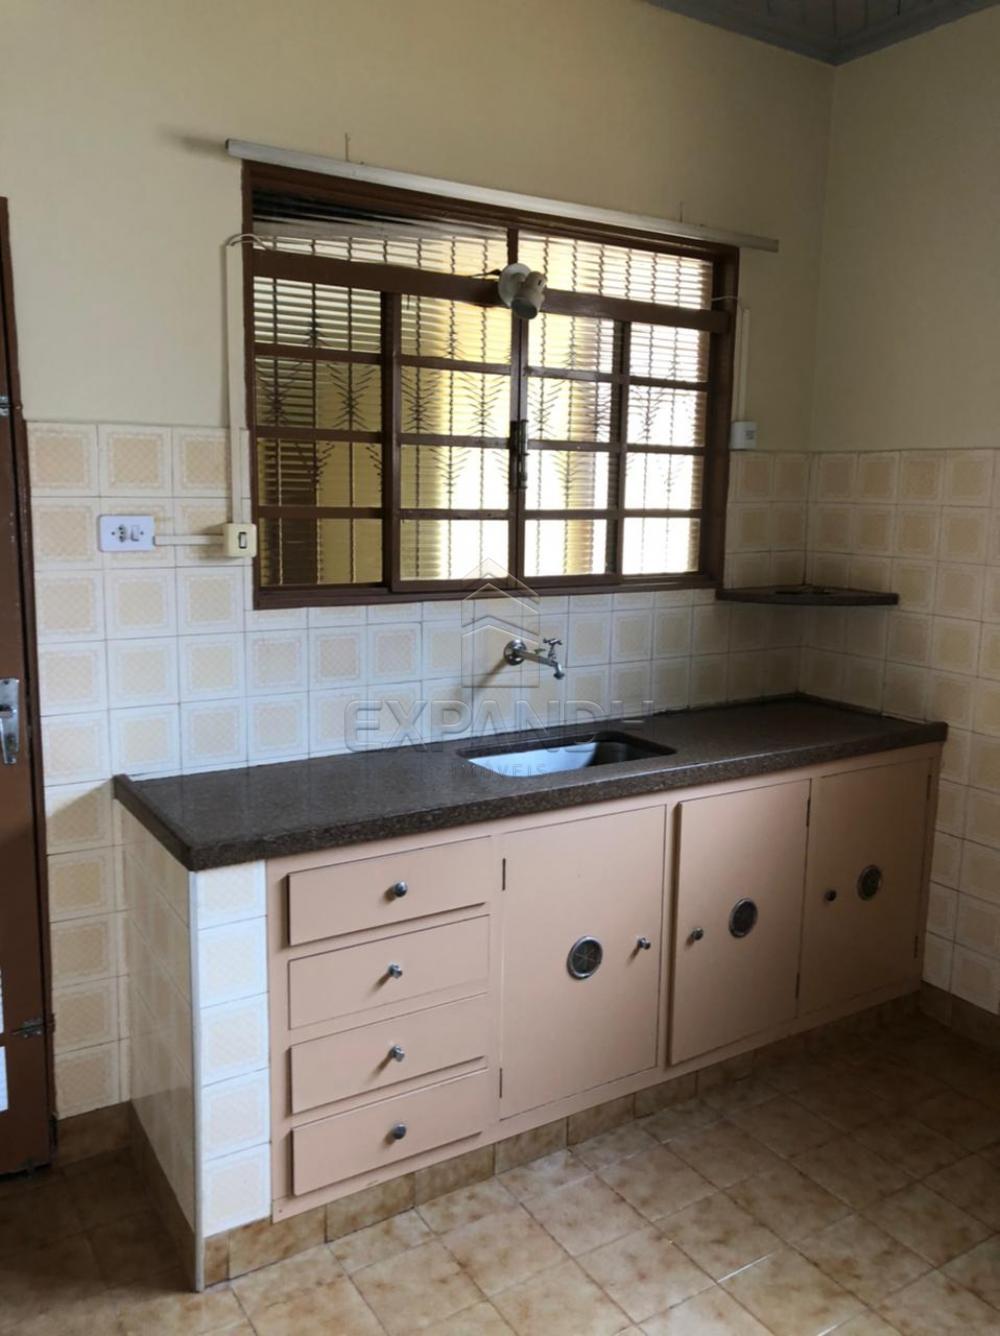 Alugar Casas / Padrão em Sertãozinho R$ 925,00 - Foto 10